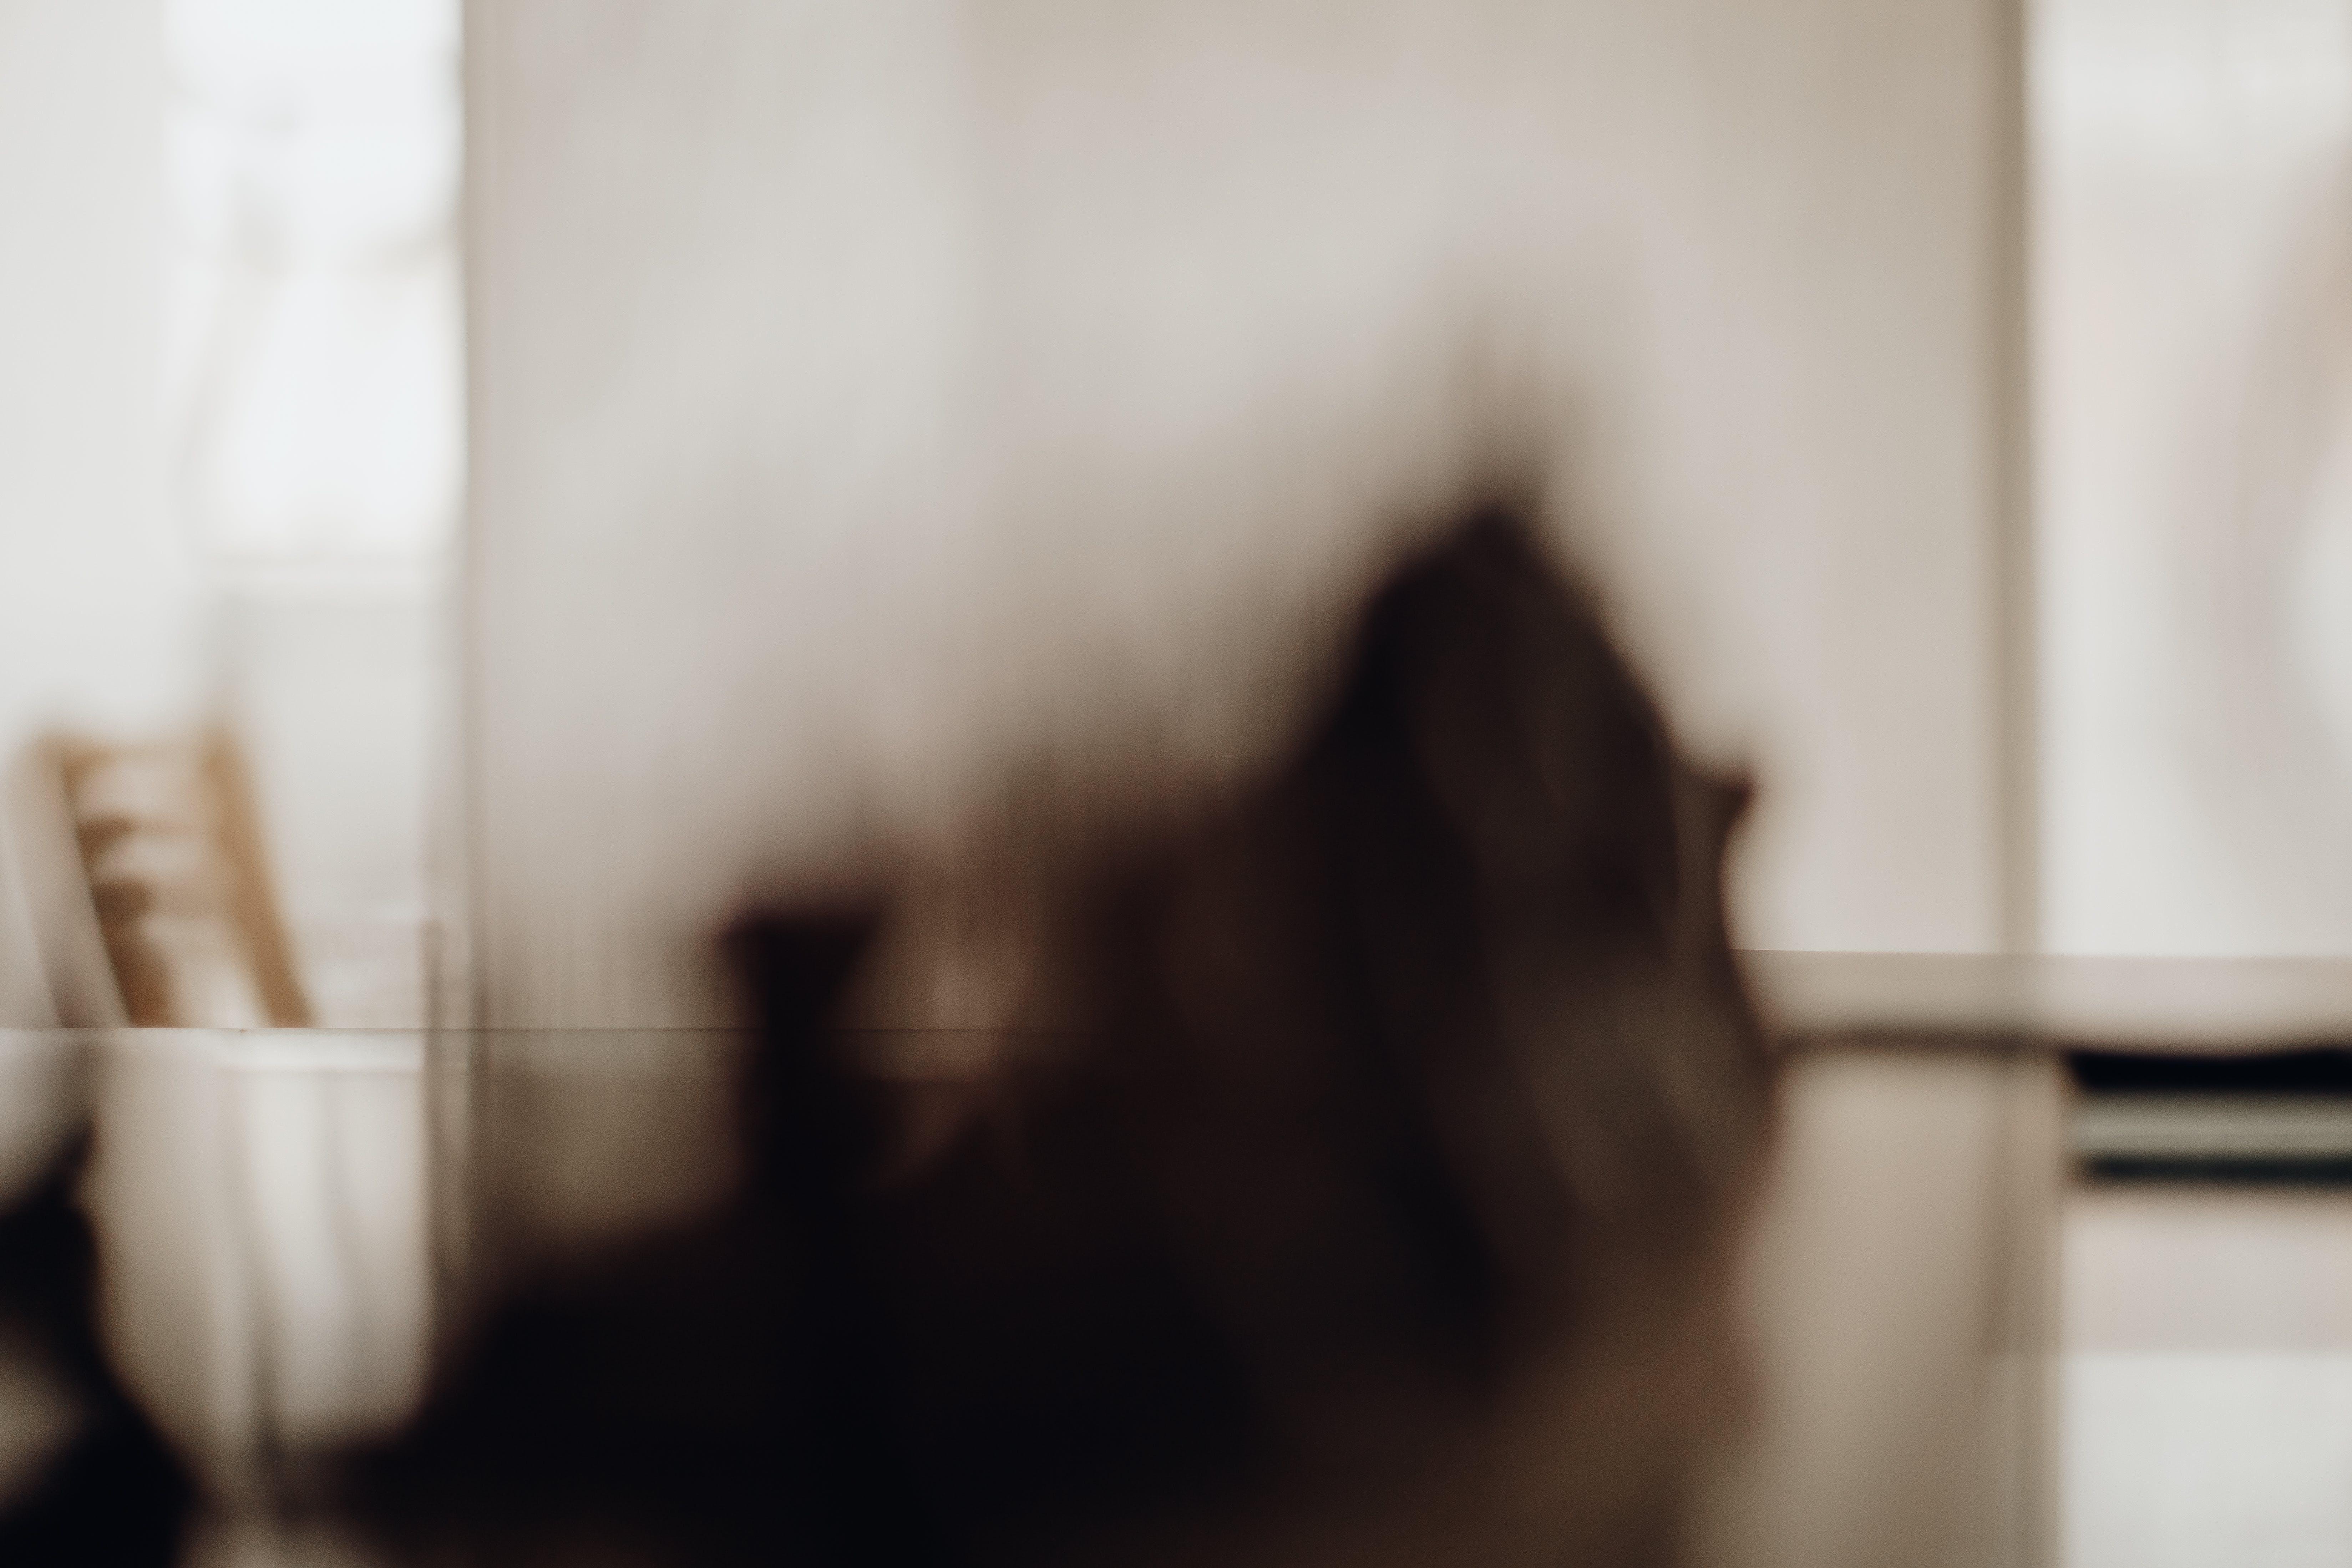 ぼかし, ぼやけている, 背景をぼかした写真の無料の写真素材